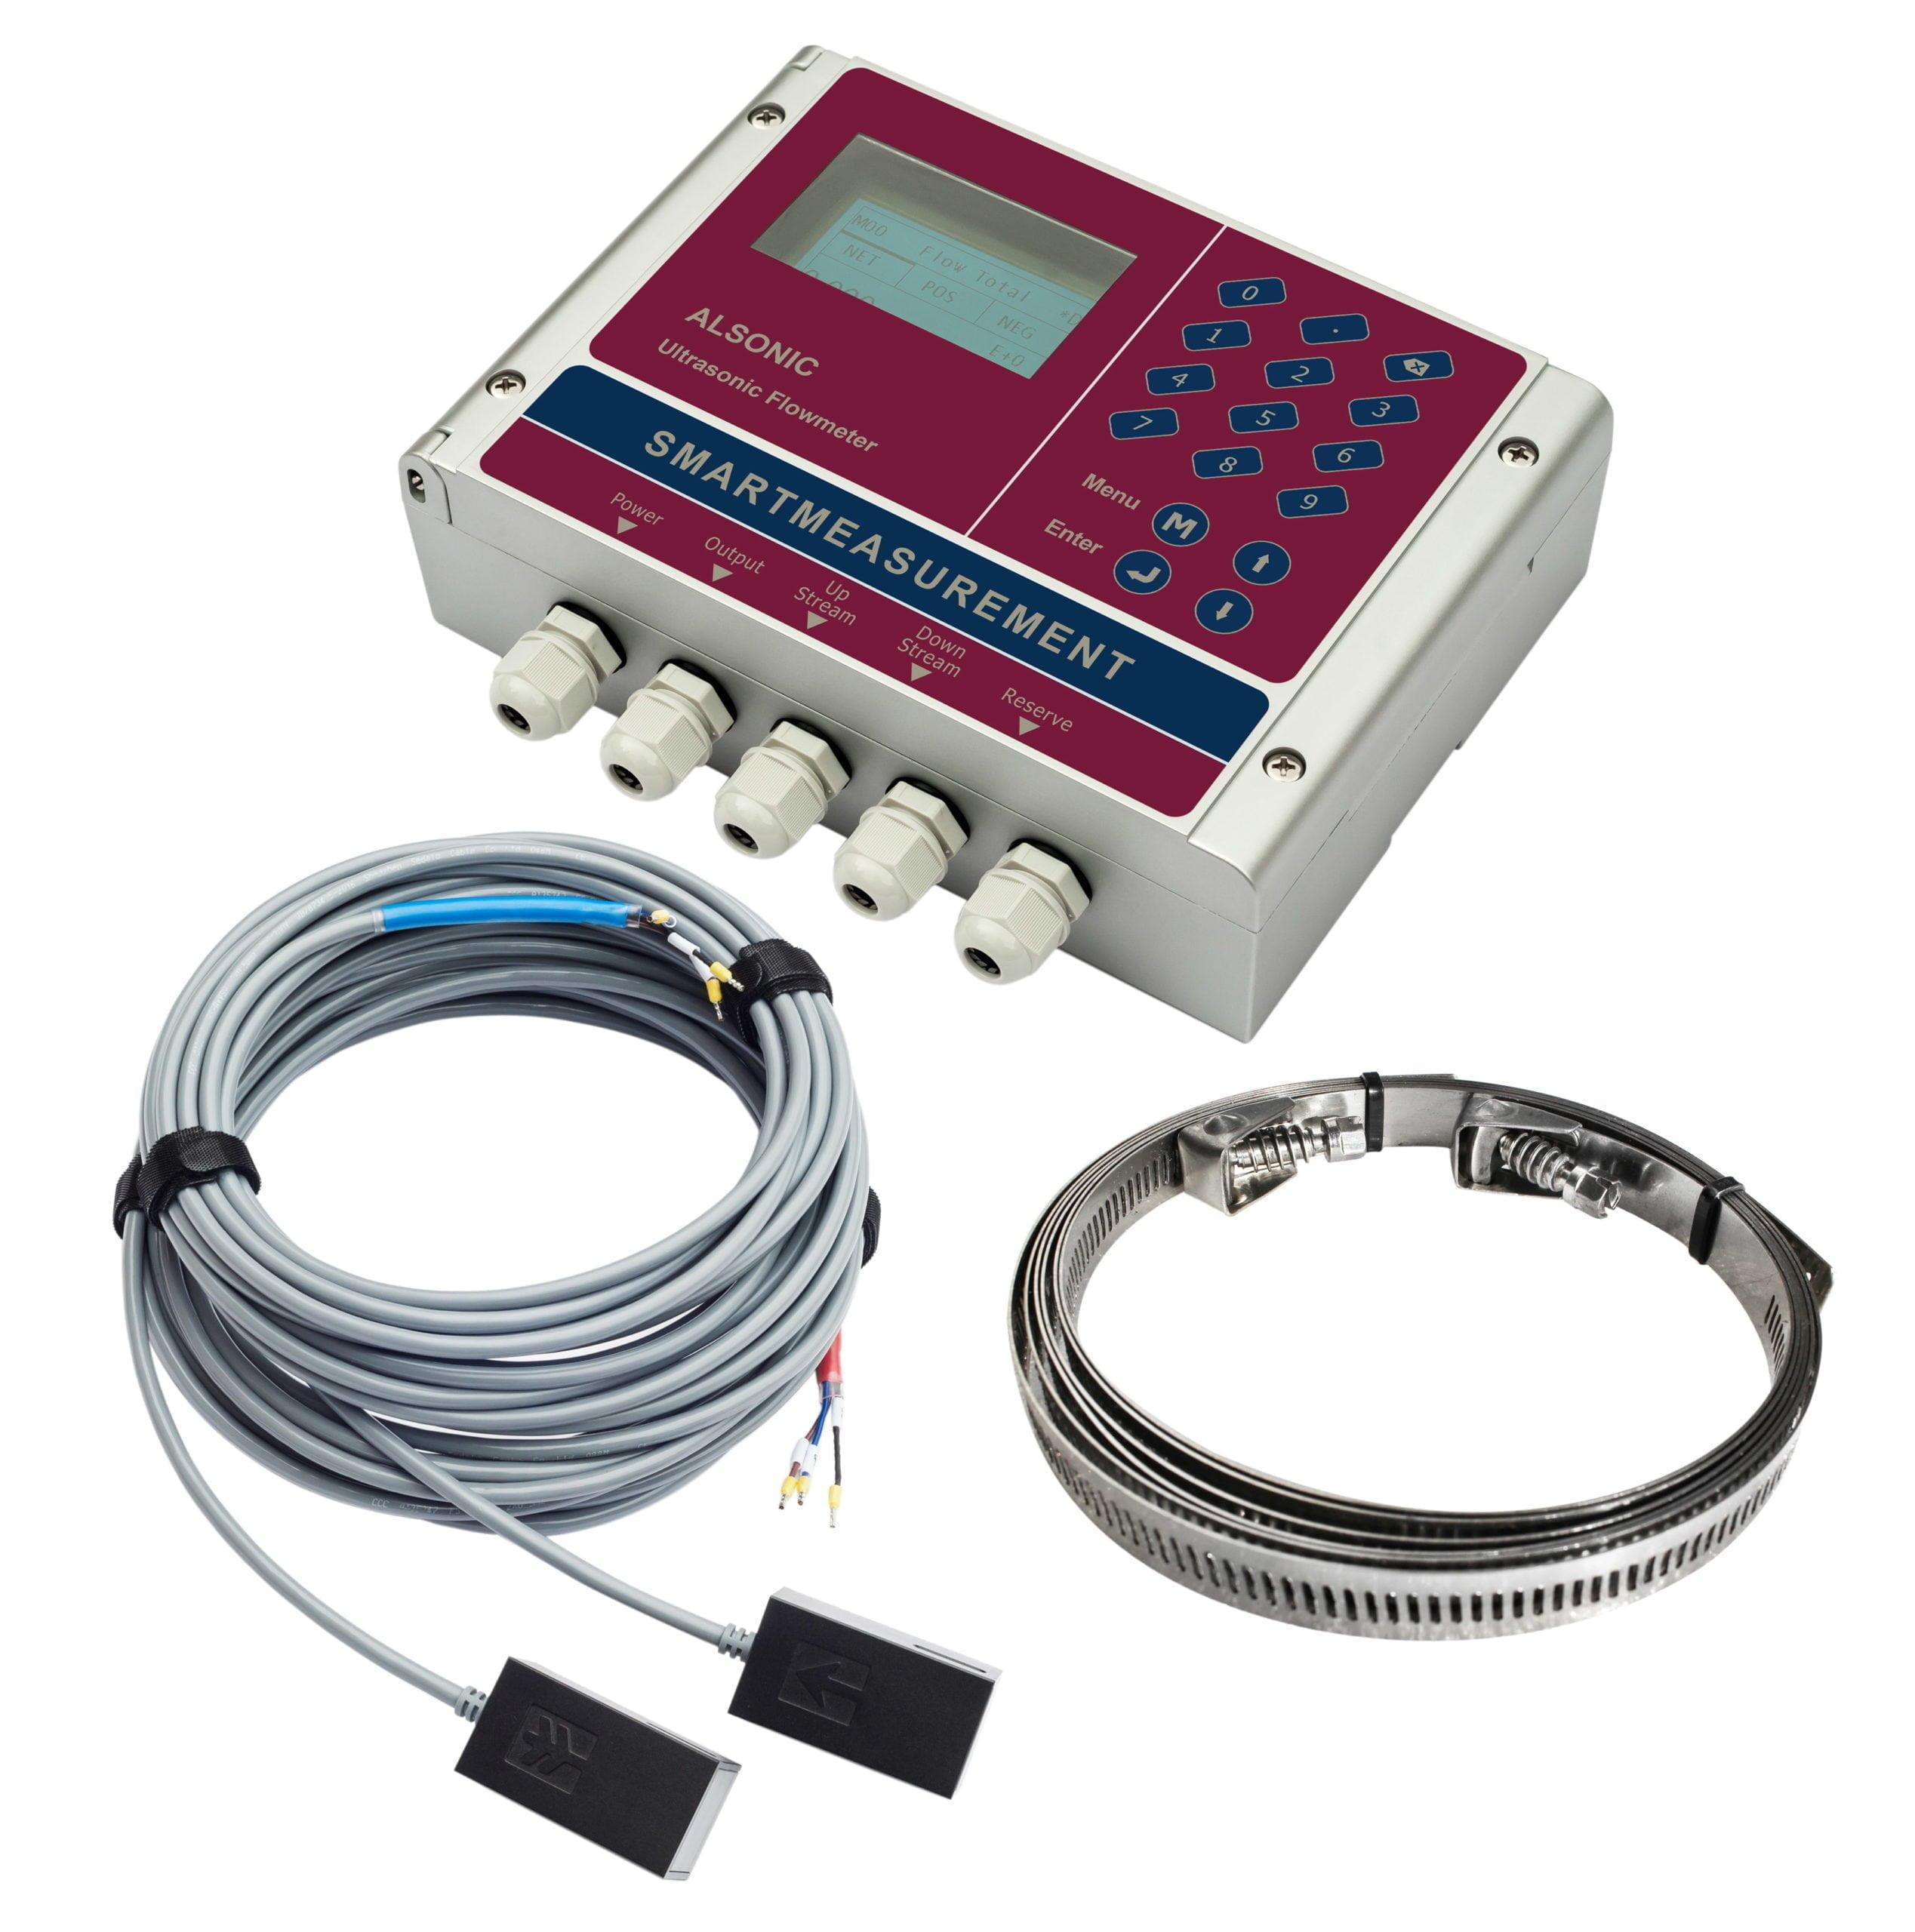 alsonic fx ultrasonic flowmeter